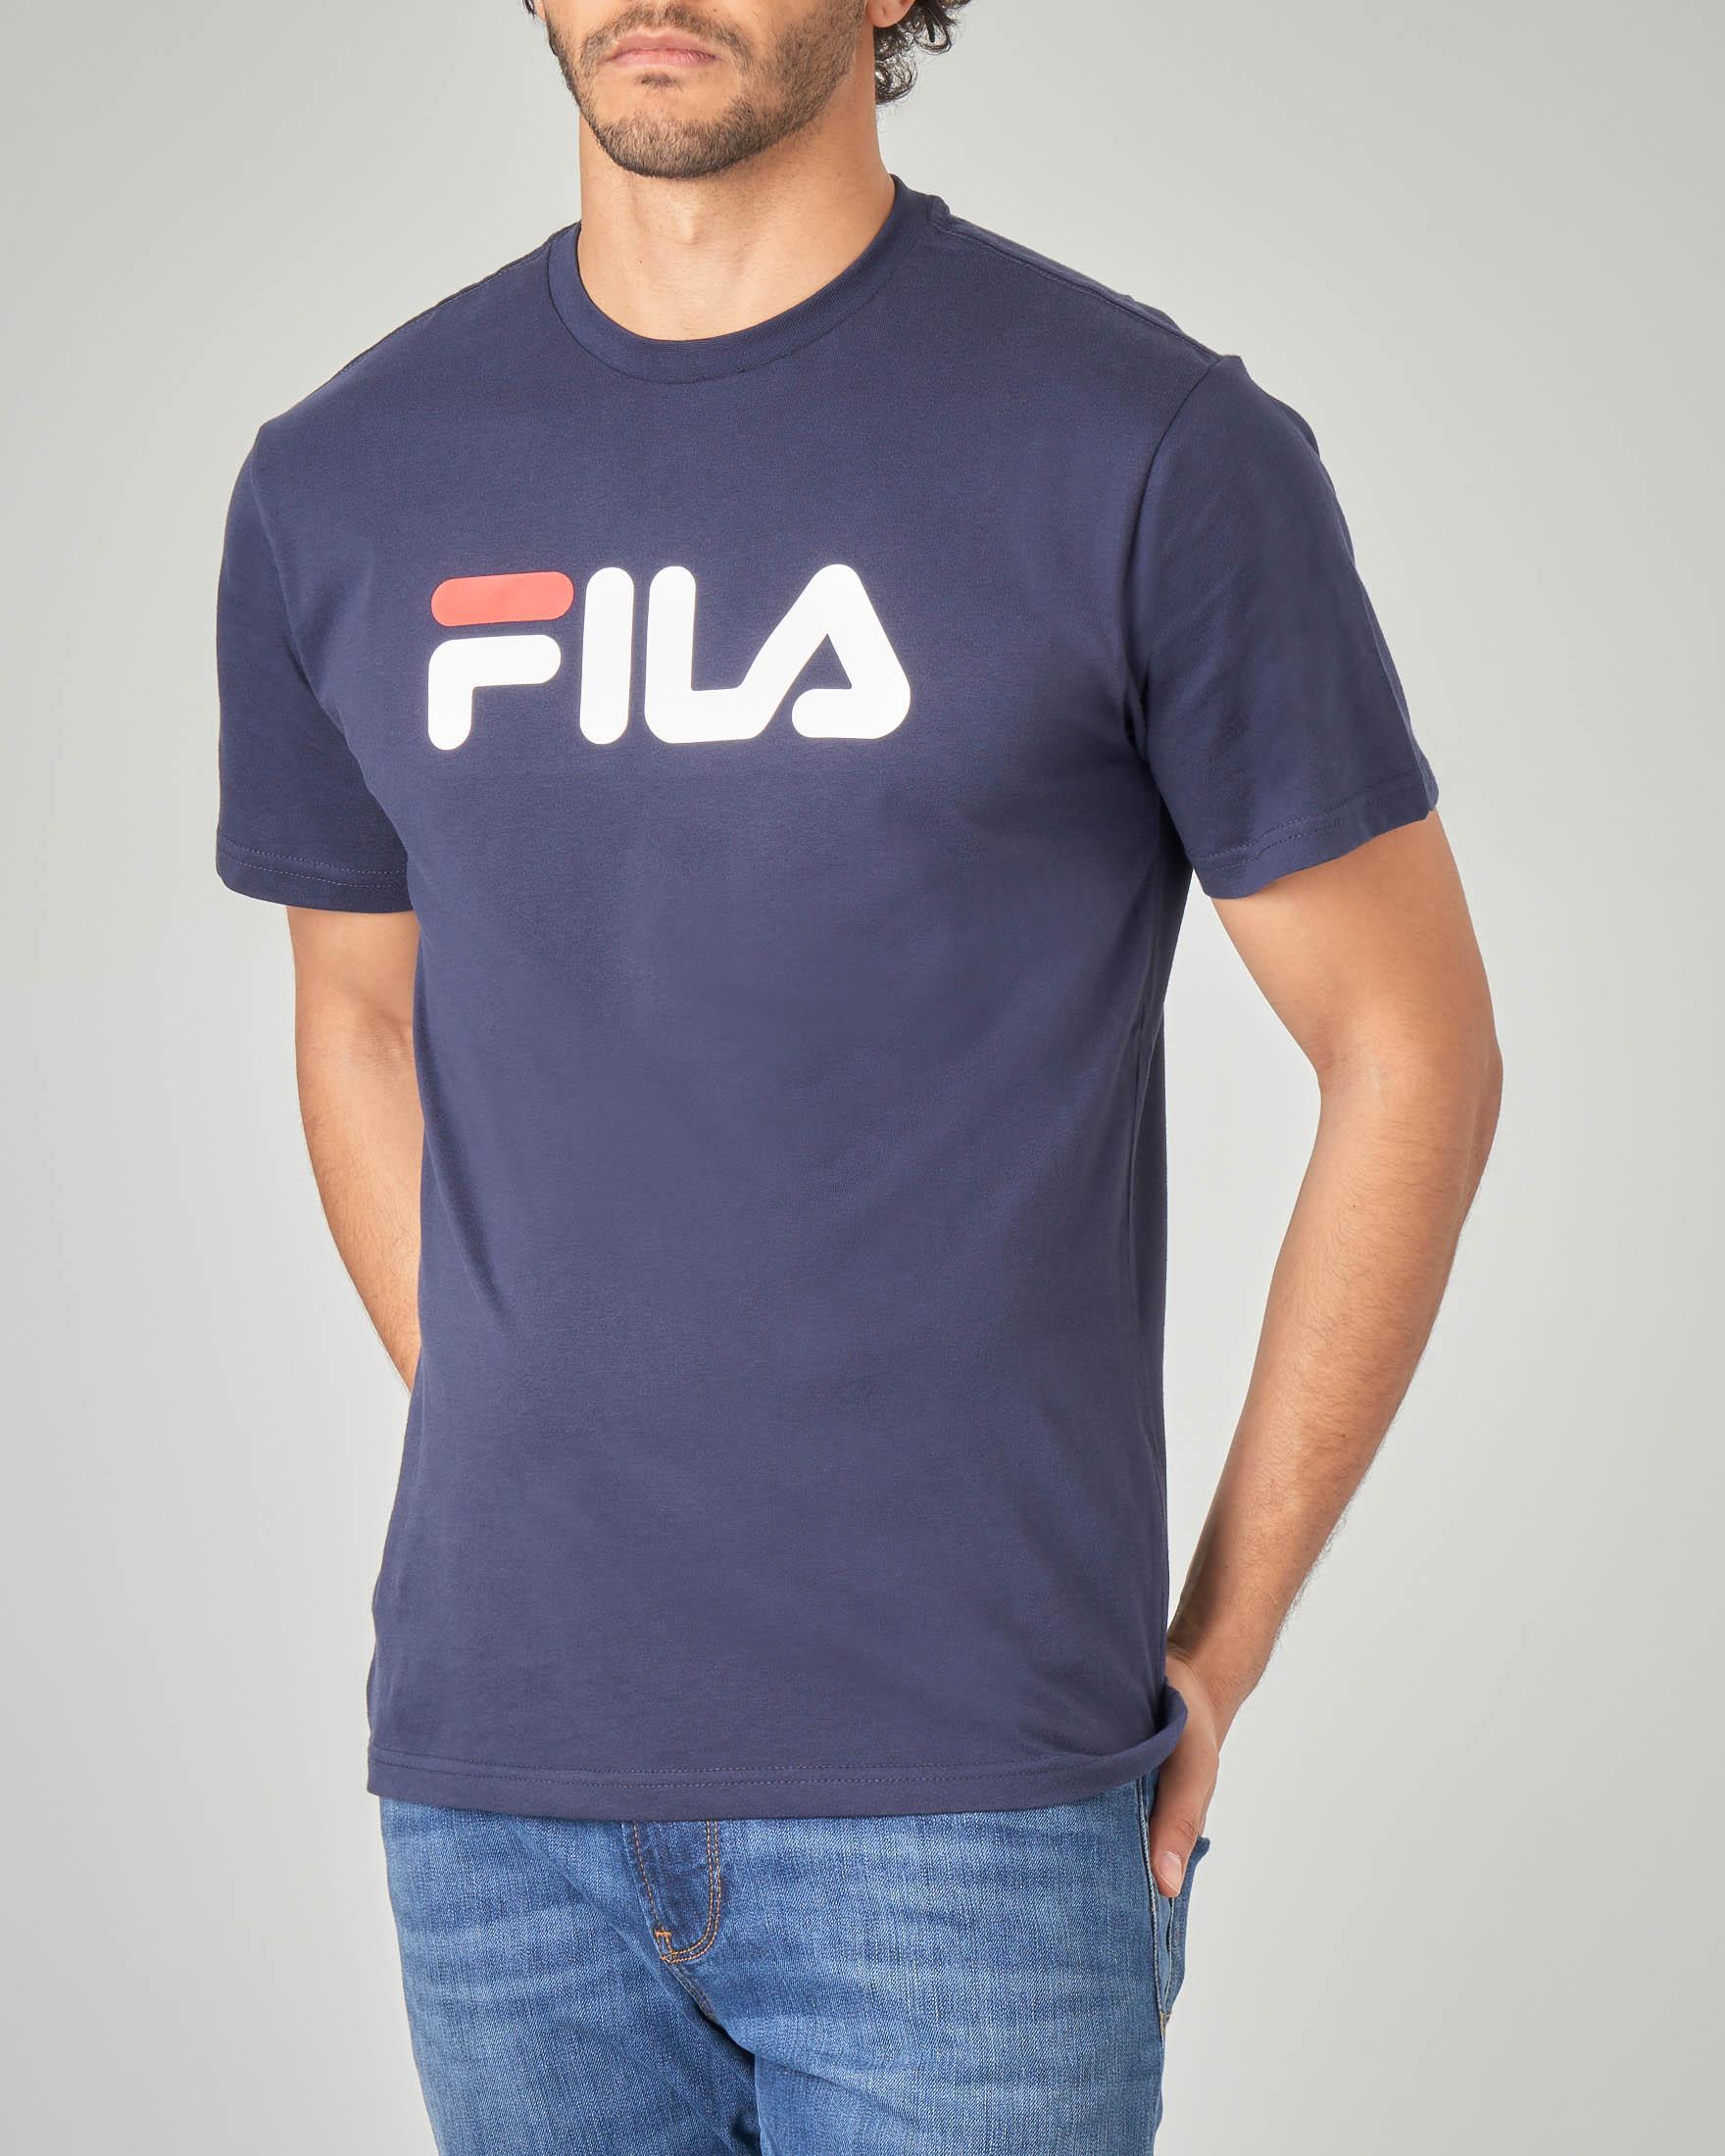 T-shirt blu con logo Fila